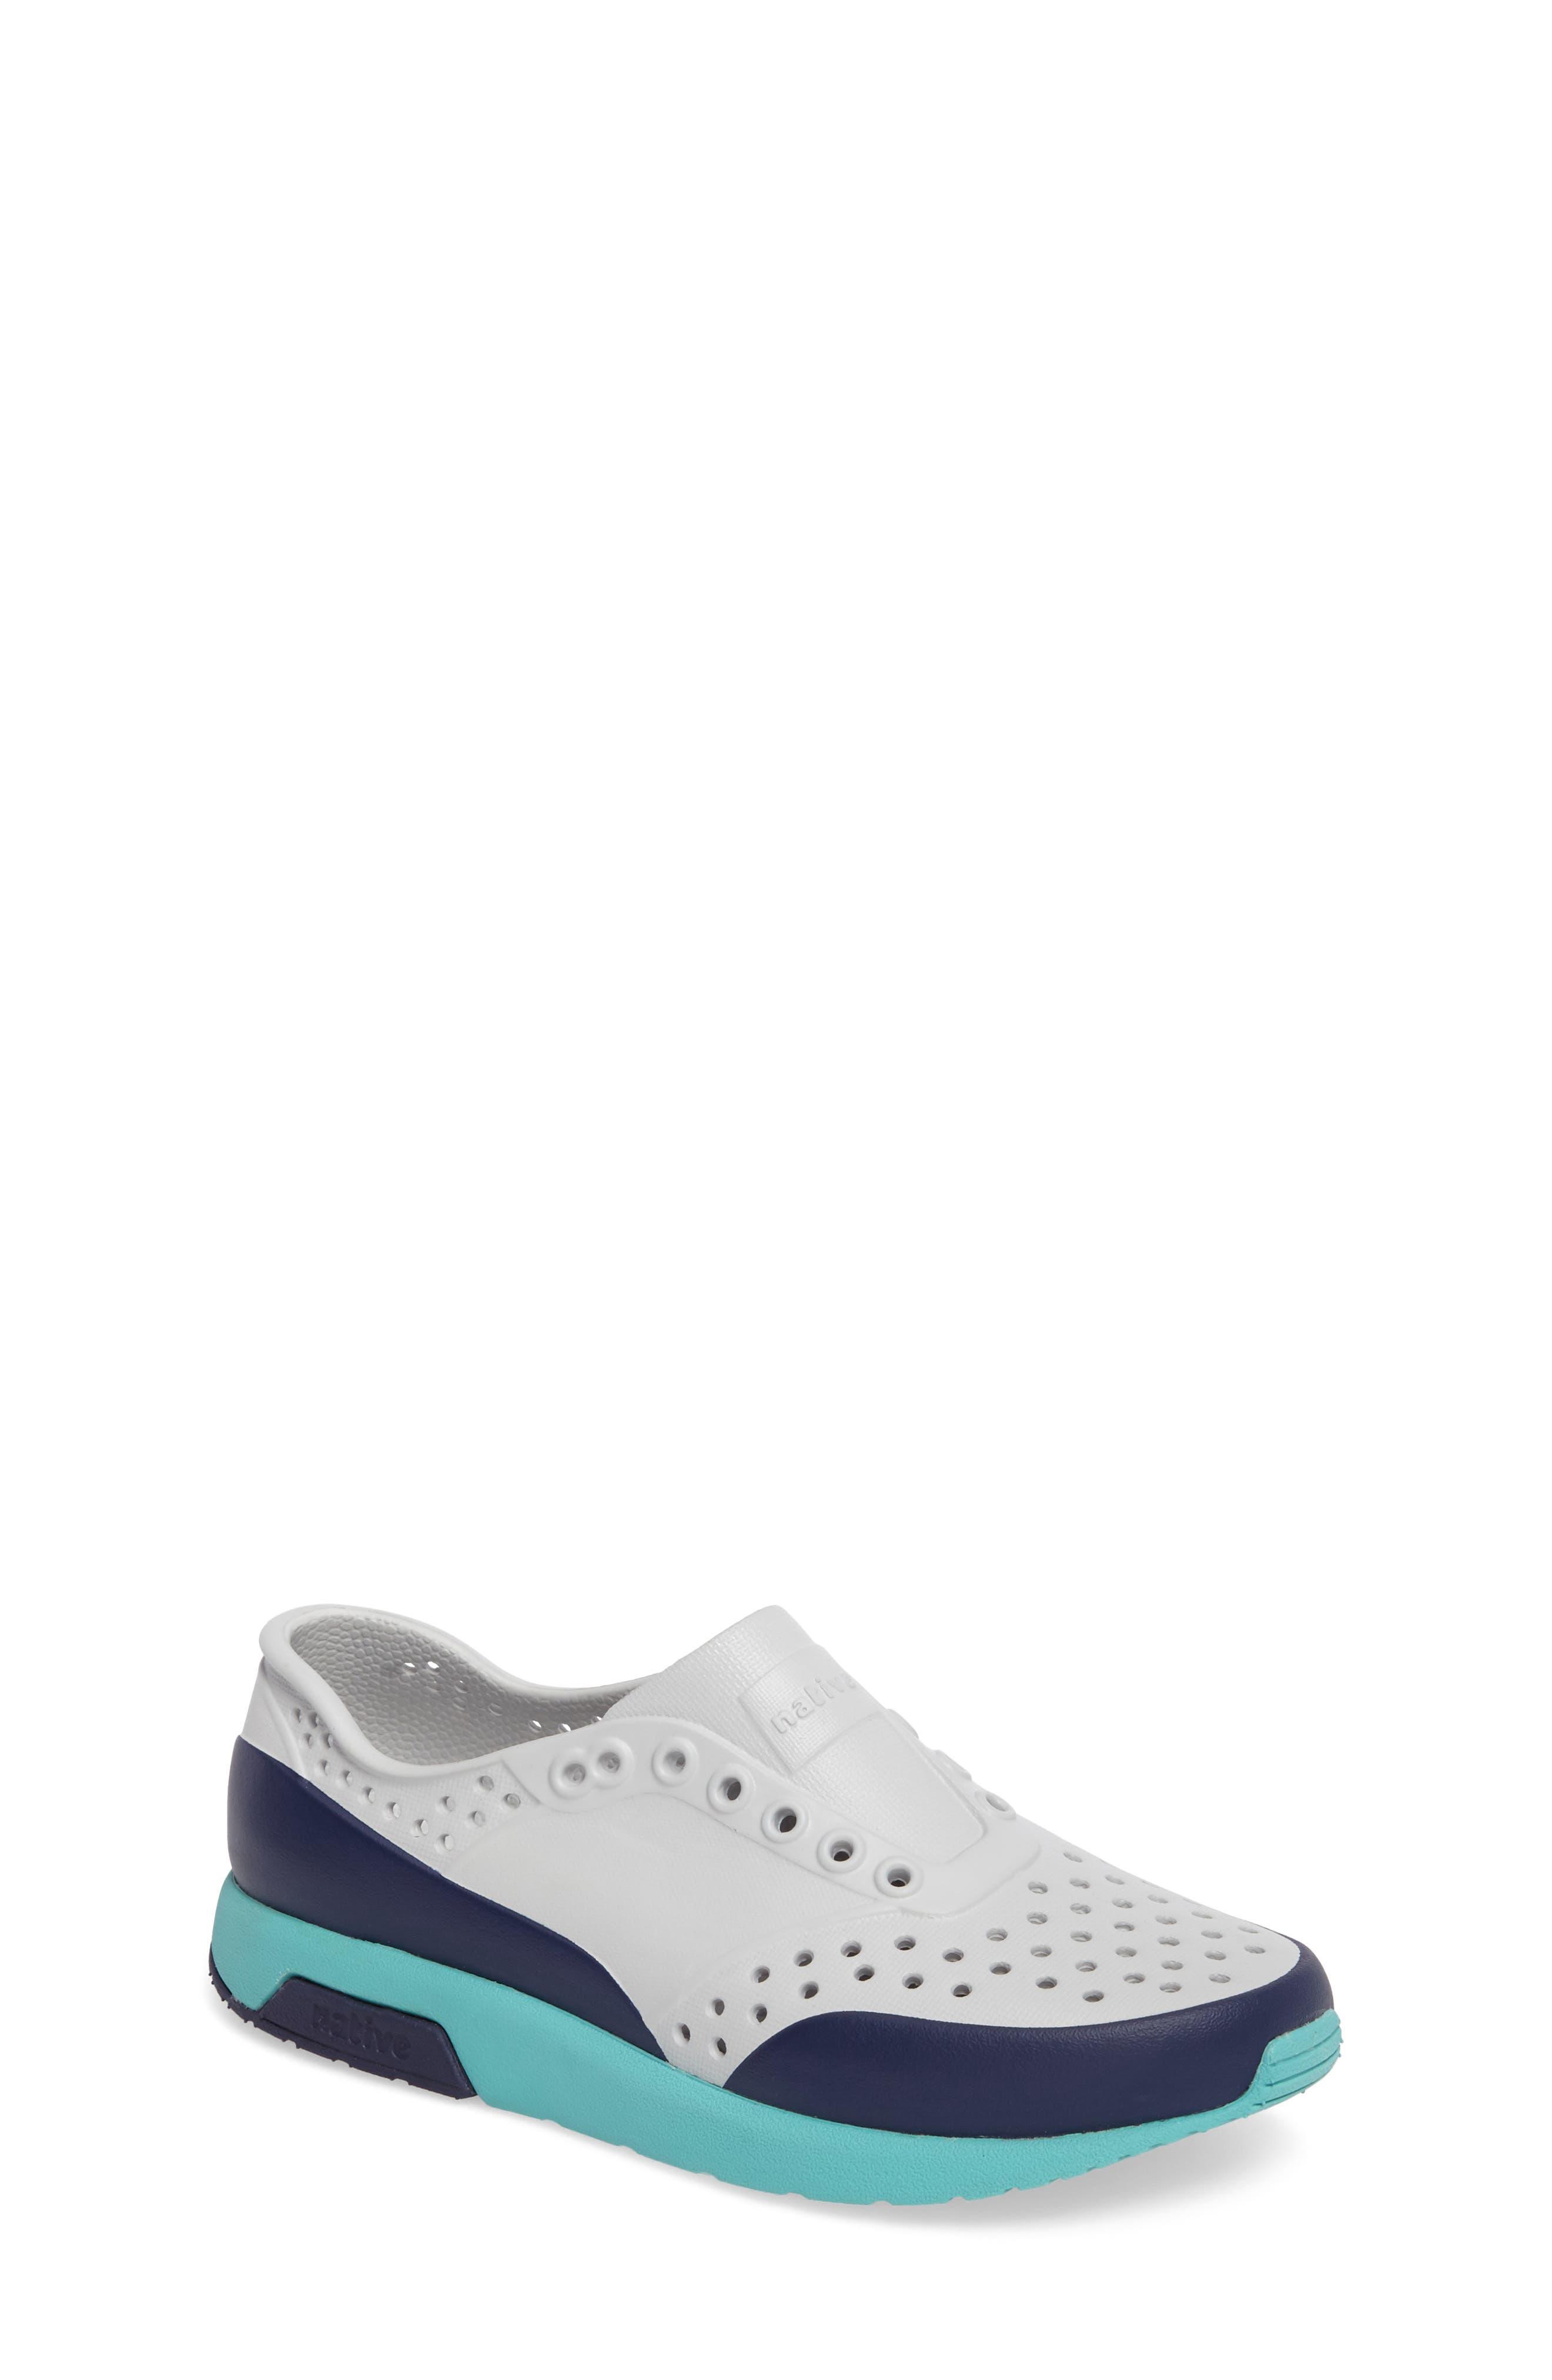 Main Image - Native Shoes Lennox Block Slip-On Sneaker (Baby, Walker, Toddler & Little Kid)